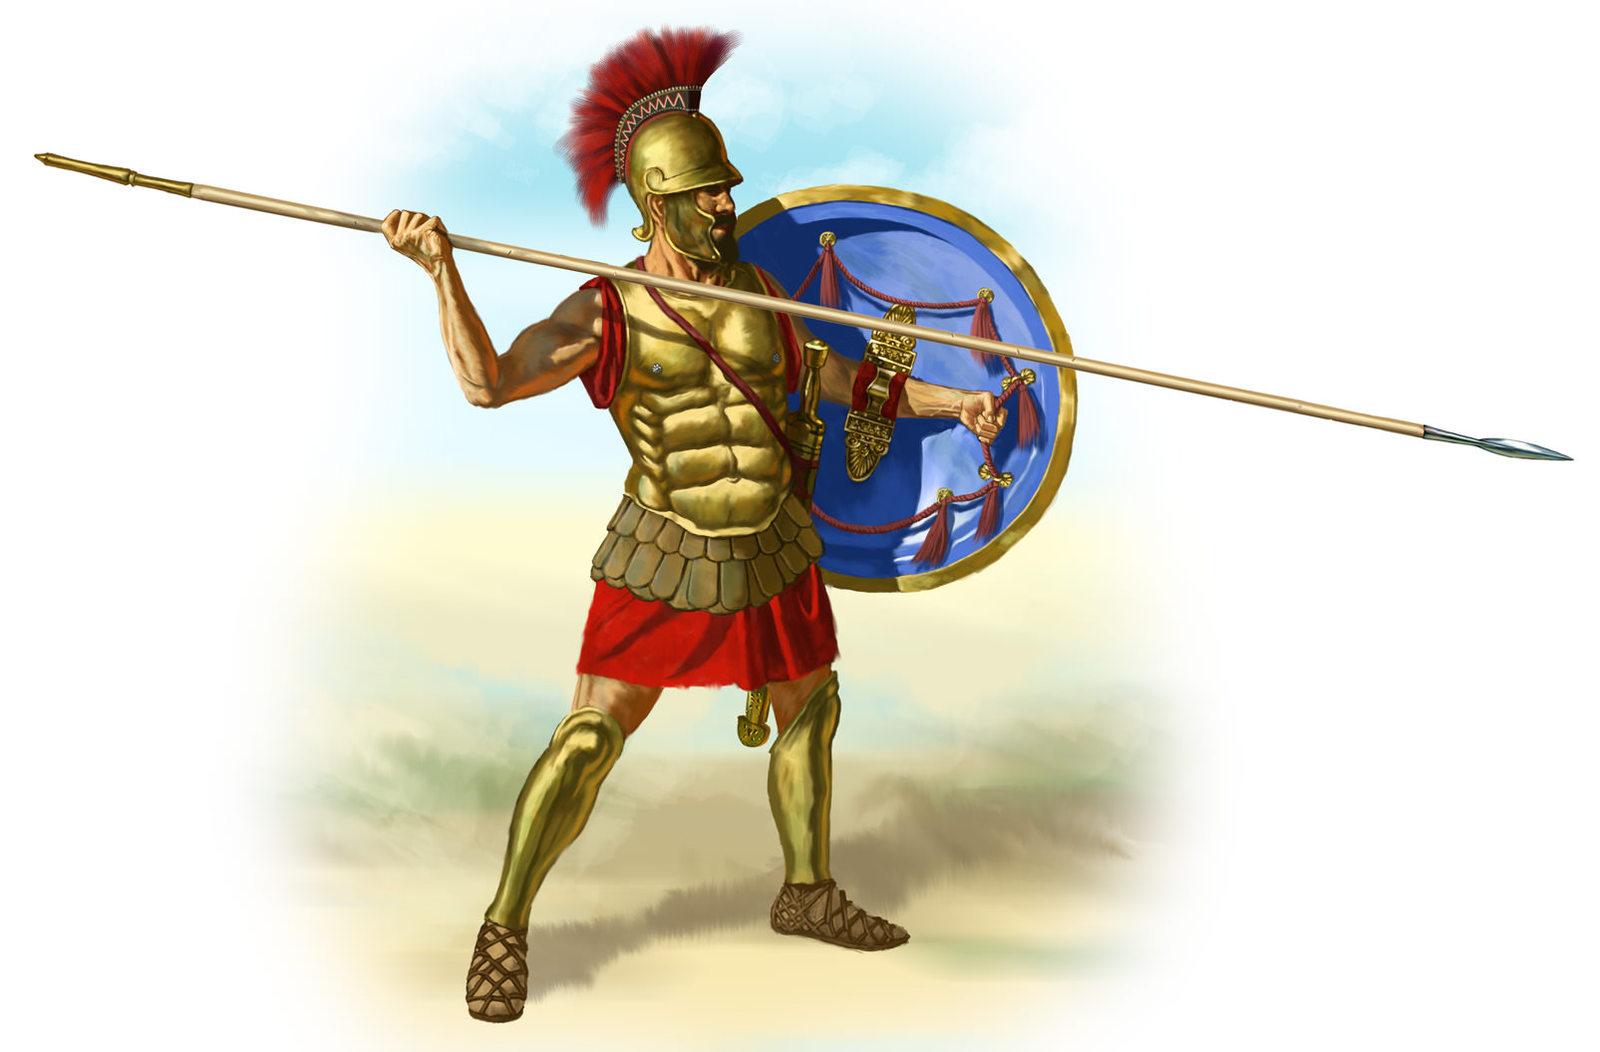 Обои гоплит, рисунок, Античность, Коринфский шлем, Древняя Греция, «воин»). Разное foto 7